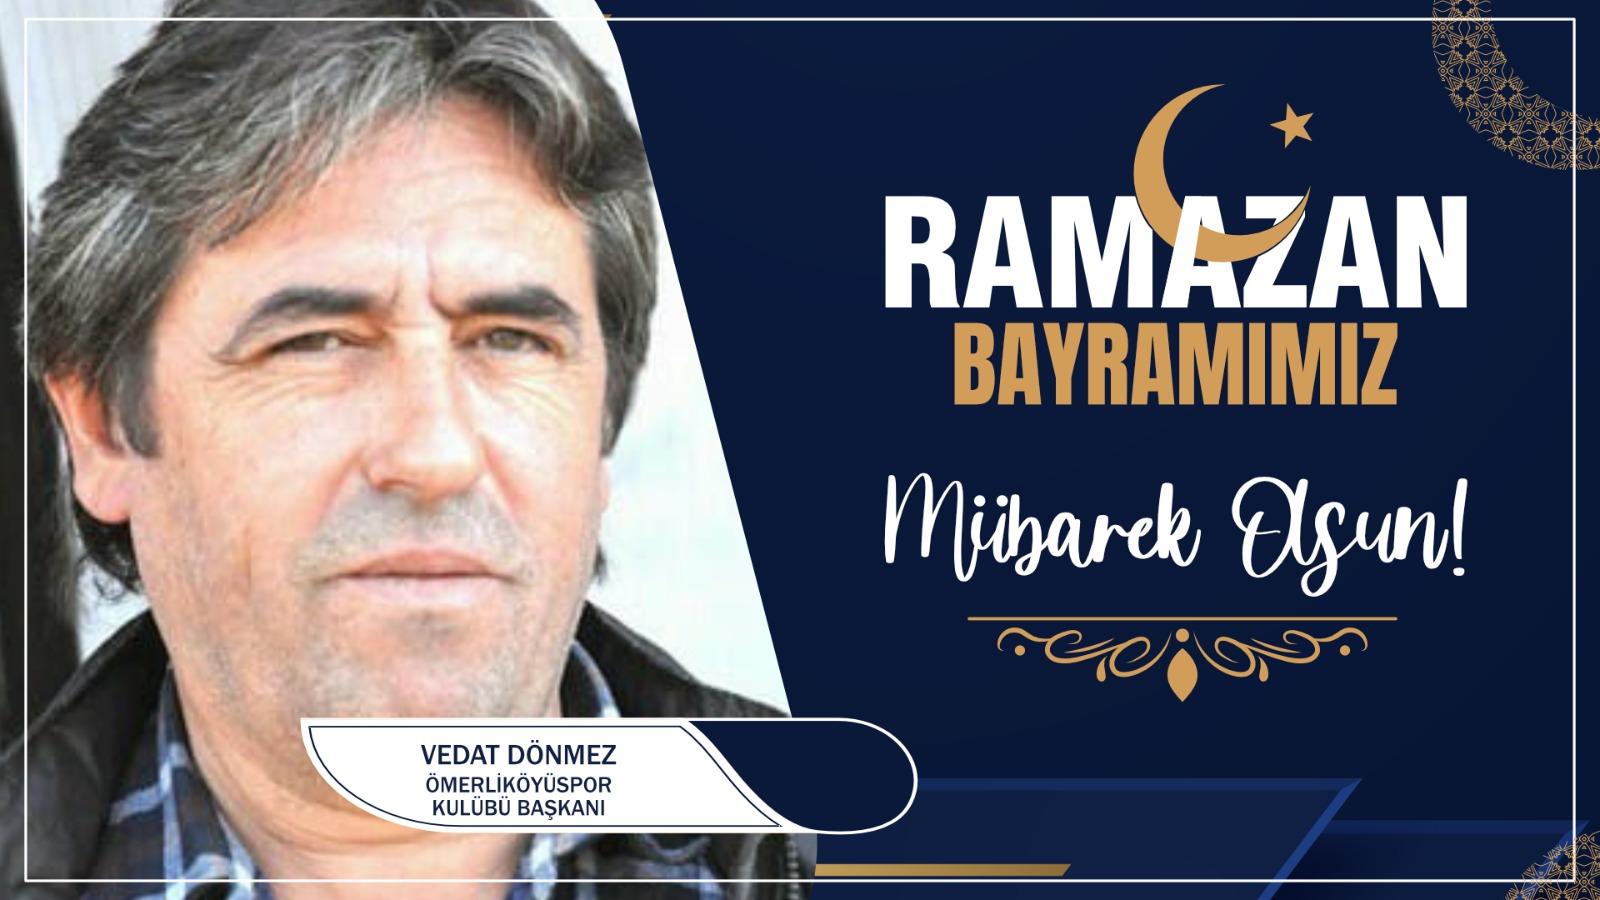 Vedat Dönmez'den Ramazan Bayramı Kutlama Mesajı